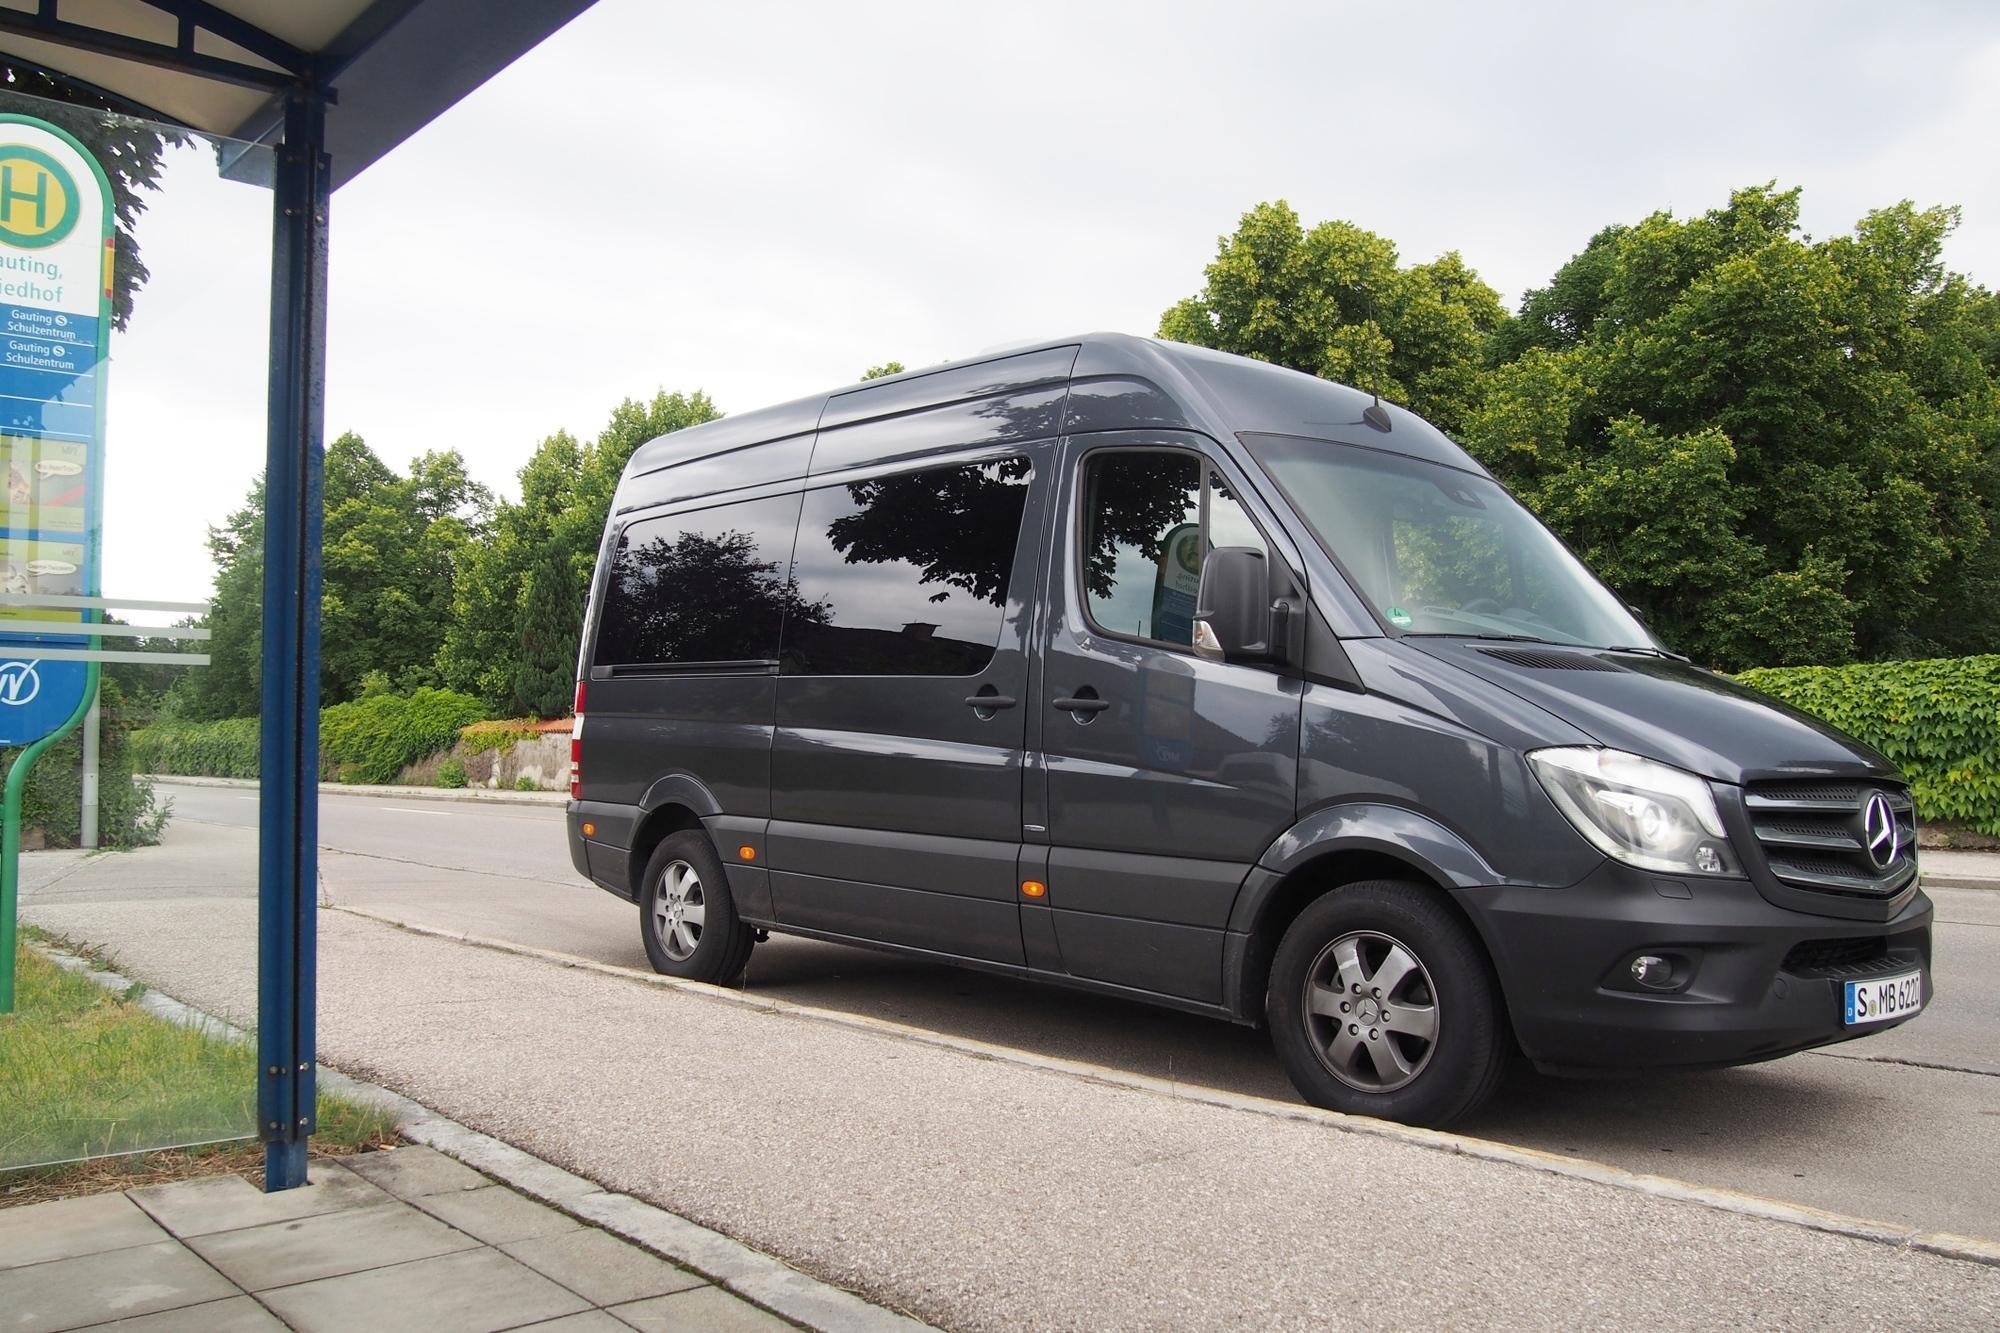 mid Groß-Gerau - Für Shuttle, Großraumtaxi und Schulbus-Einsätze: Komfortabler Sprinter-Neunsitzer mit großzügigen Platzverhältnissen, Klimatisierung mit zwei Kältemaschinen.